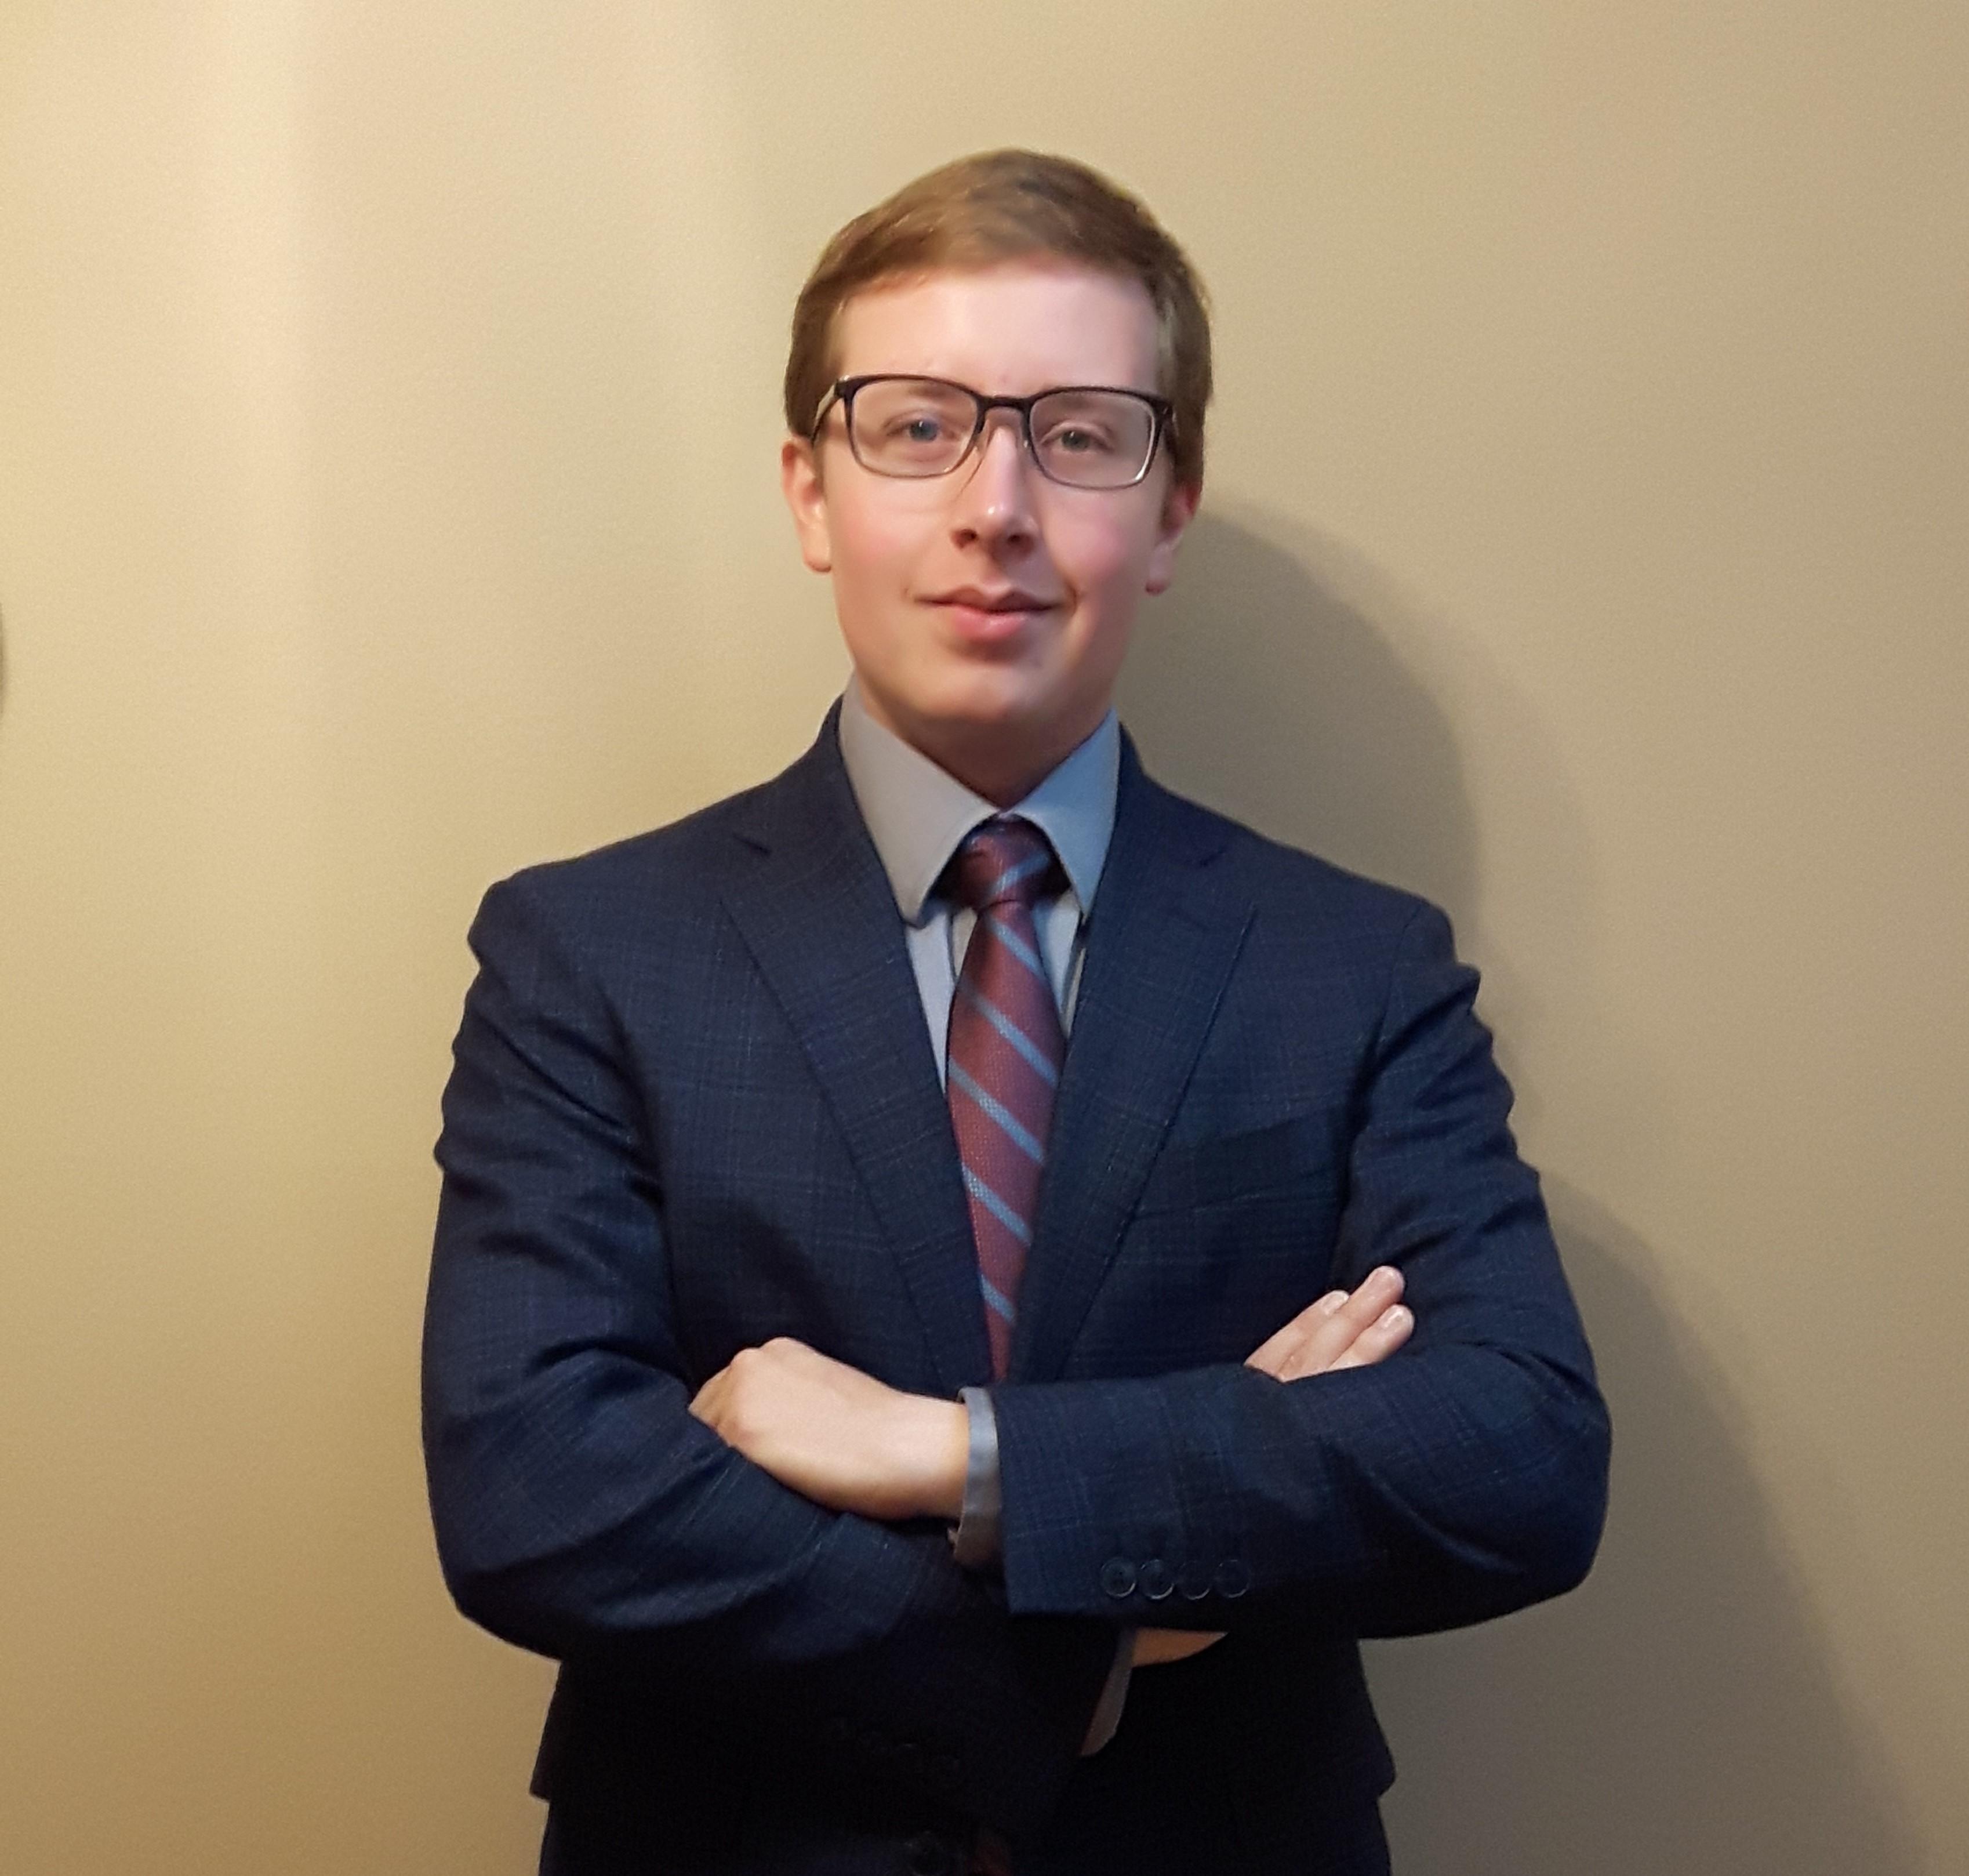 Wills Coordinator Thomas Benstead